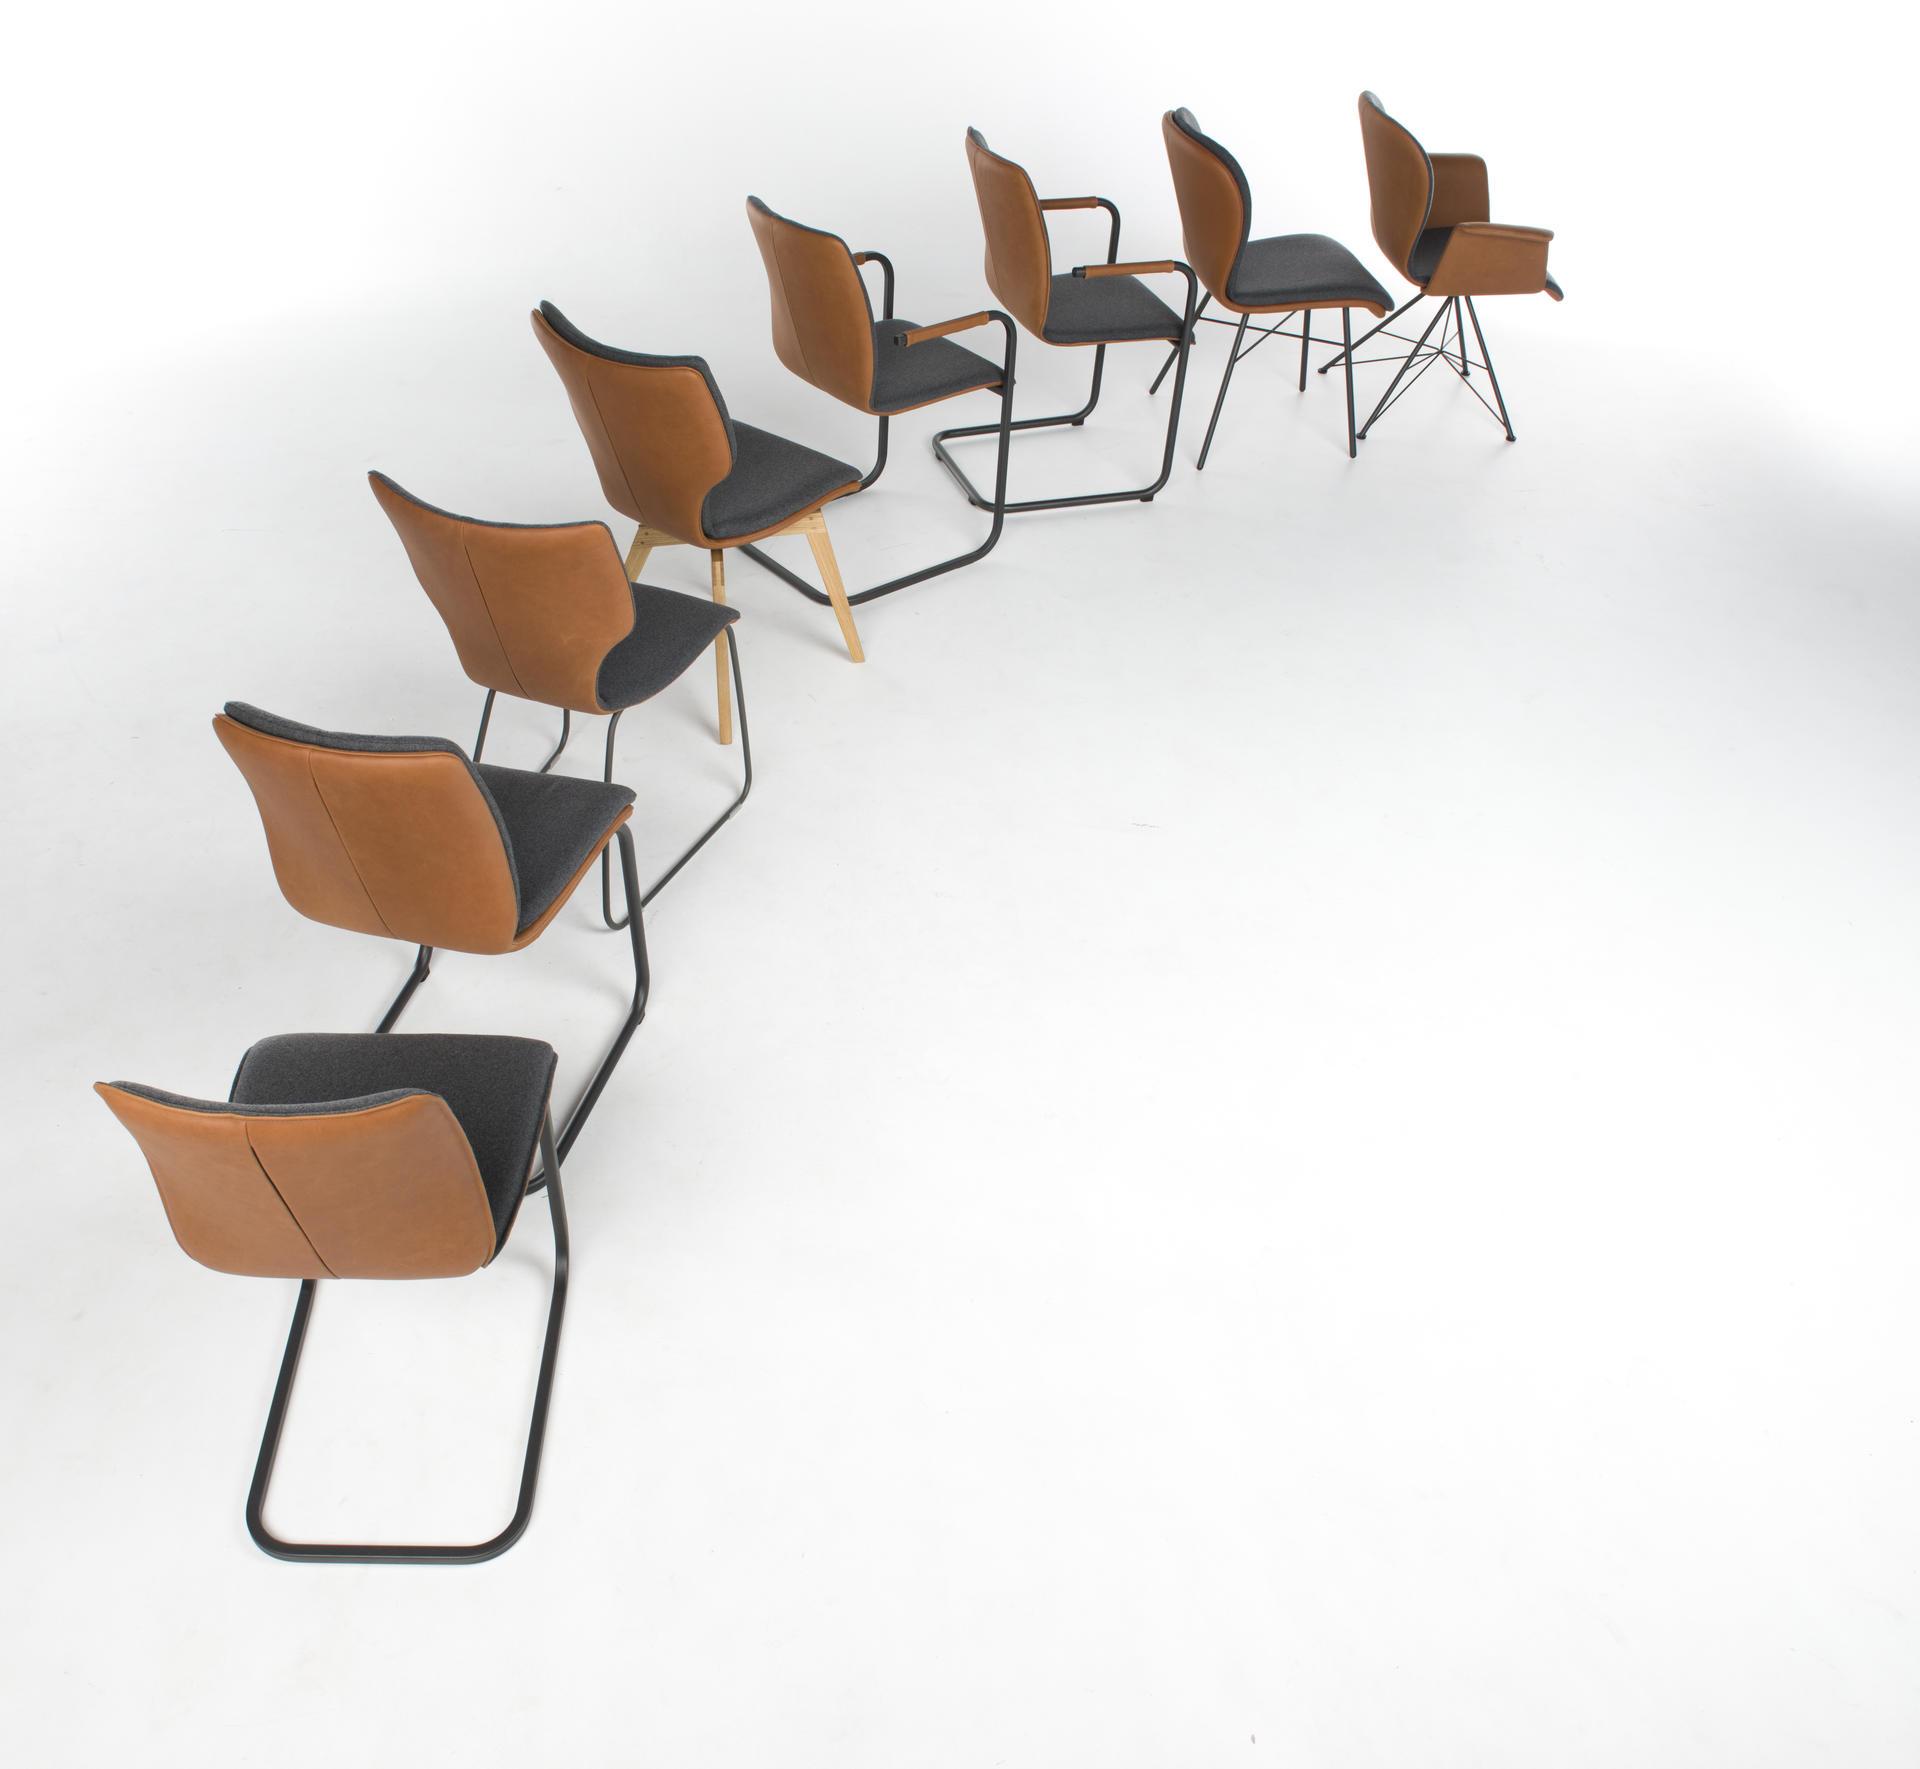 Стулья Tara  с различными основаниями и сидениями.